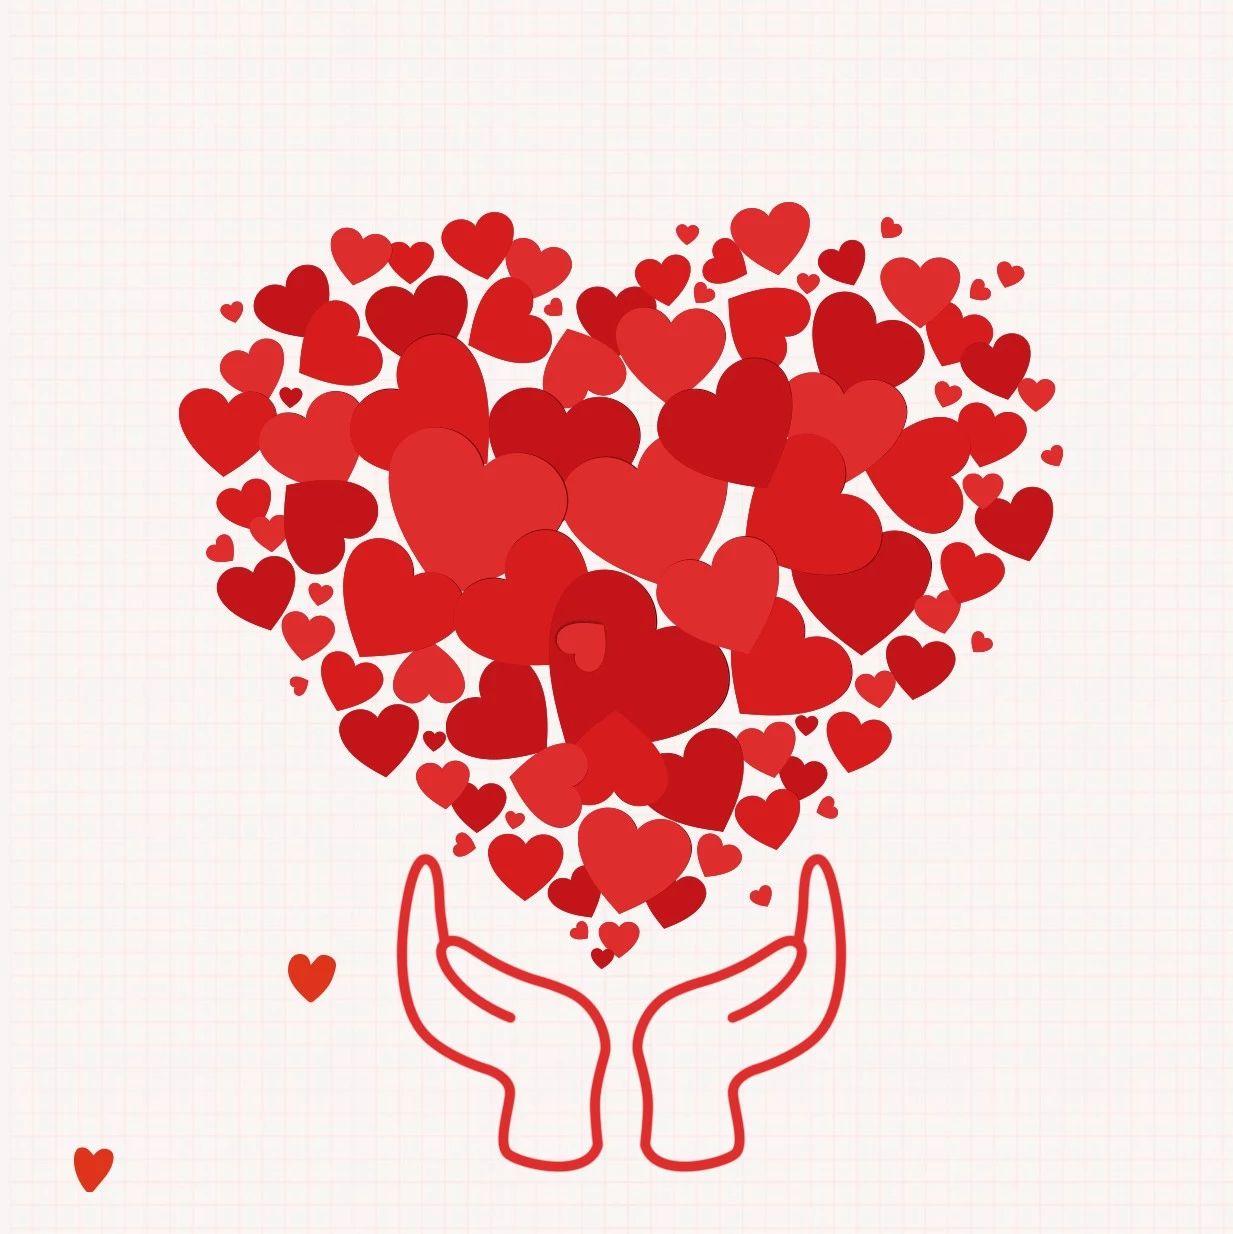 心系困难群众,传递温暖关怀――羚锐制药开展扶贫助学活动